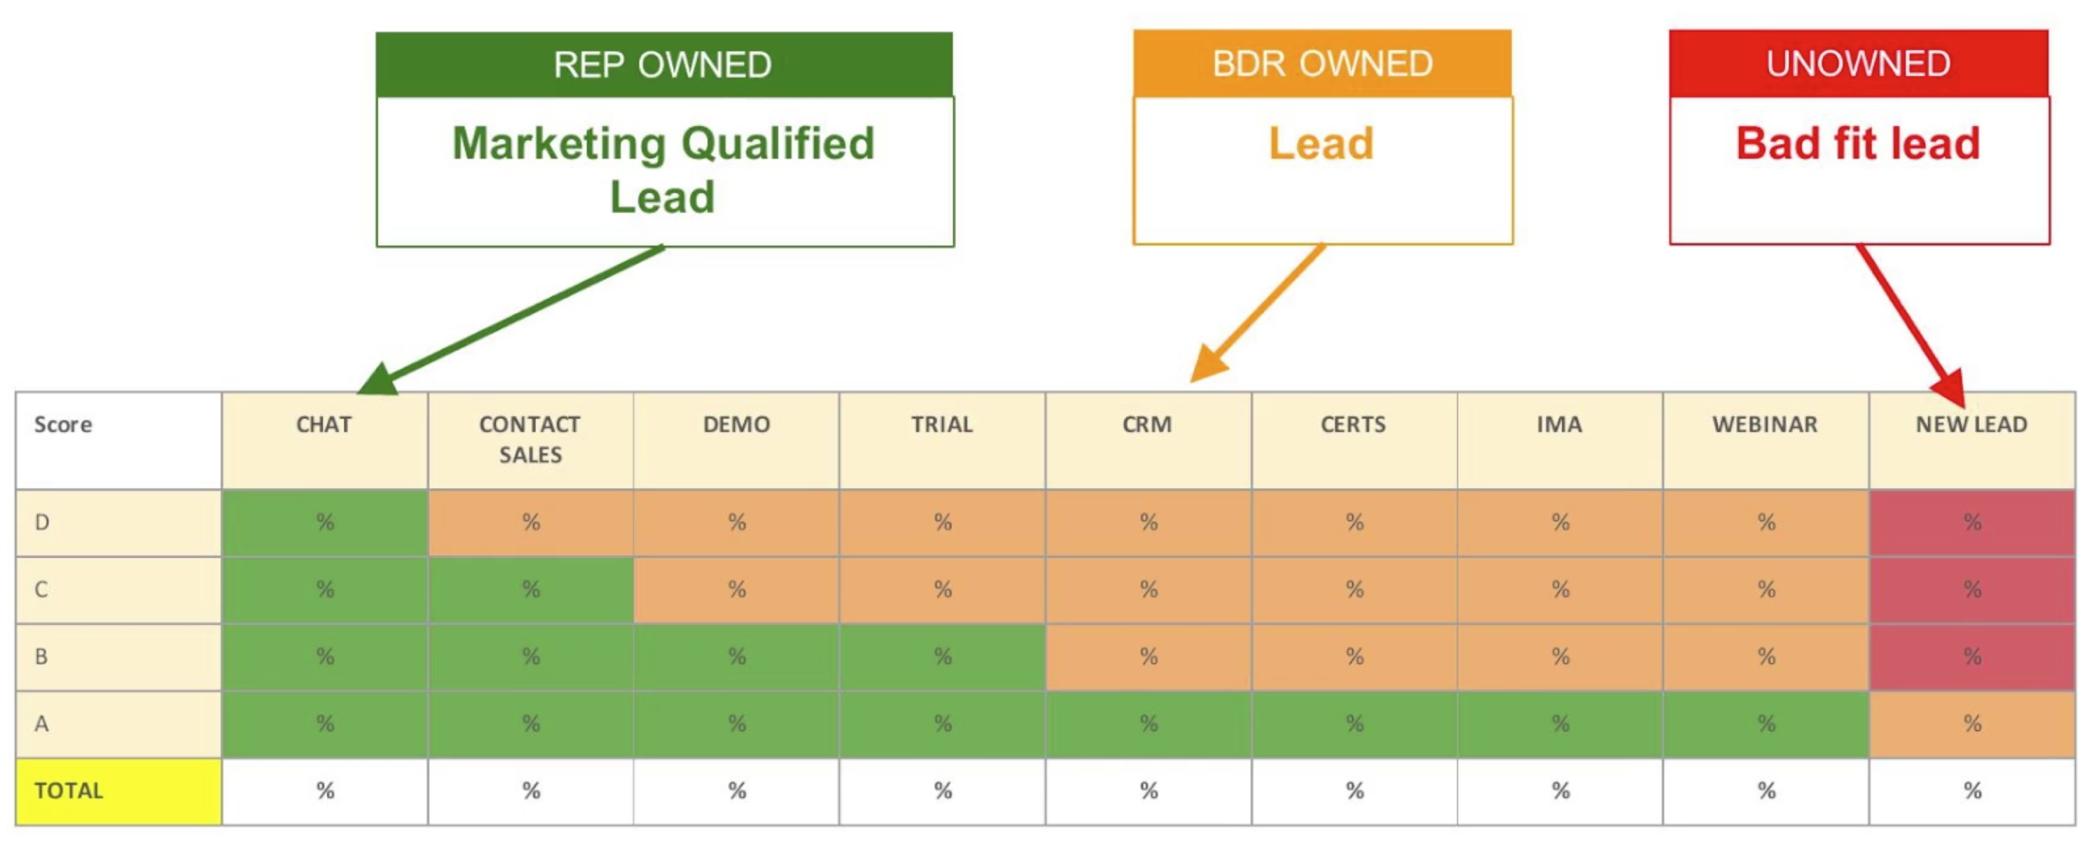 Hvordan HubSpot definerer MKL - Marketing Qualified Leads